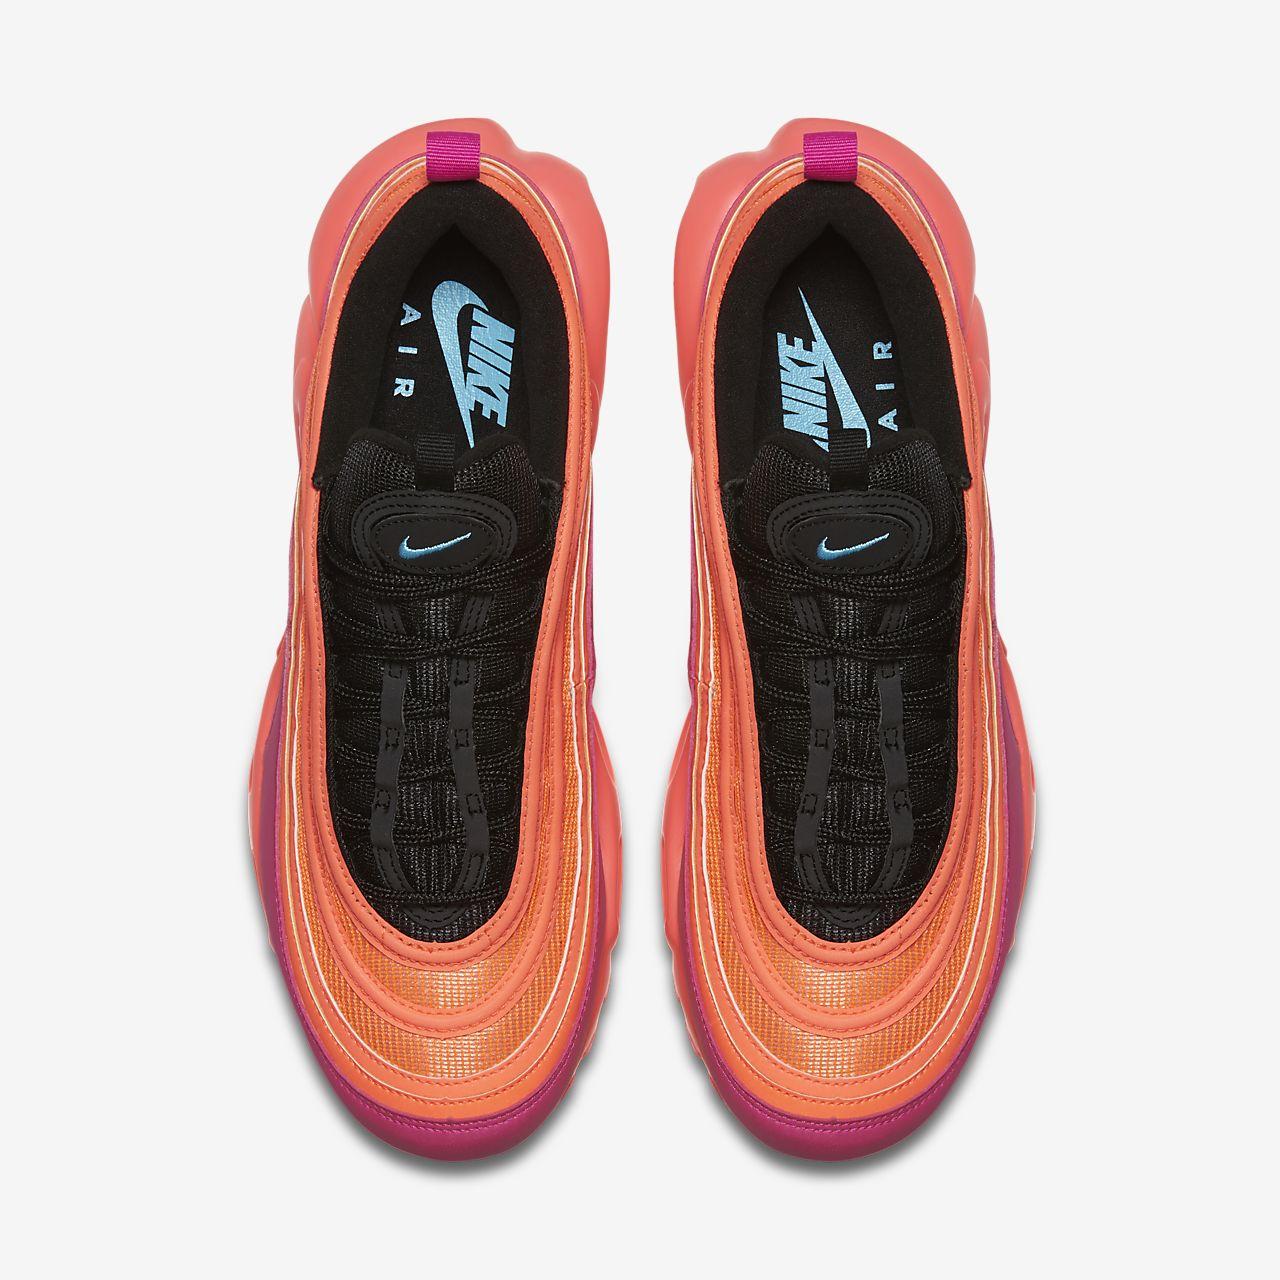 52c13f3bc9 Nike Air Max Plus 97 Men's Shoe. Nike.com IN